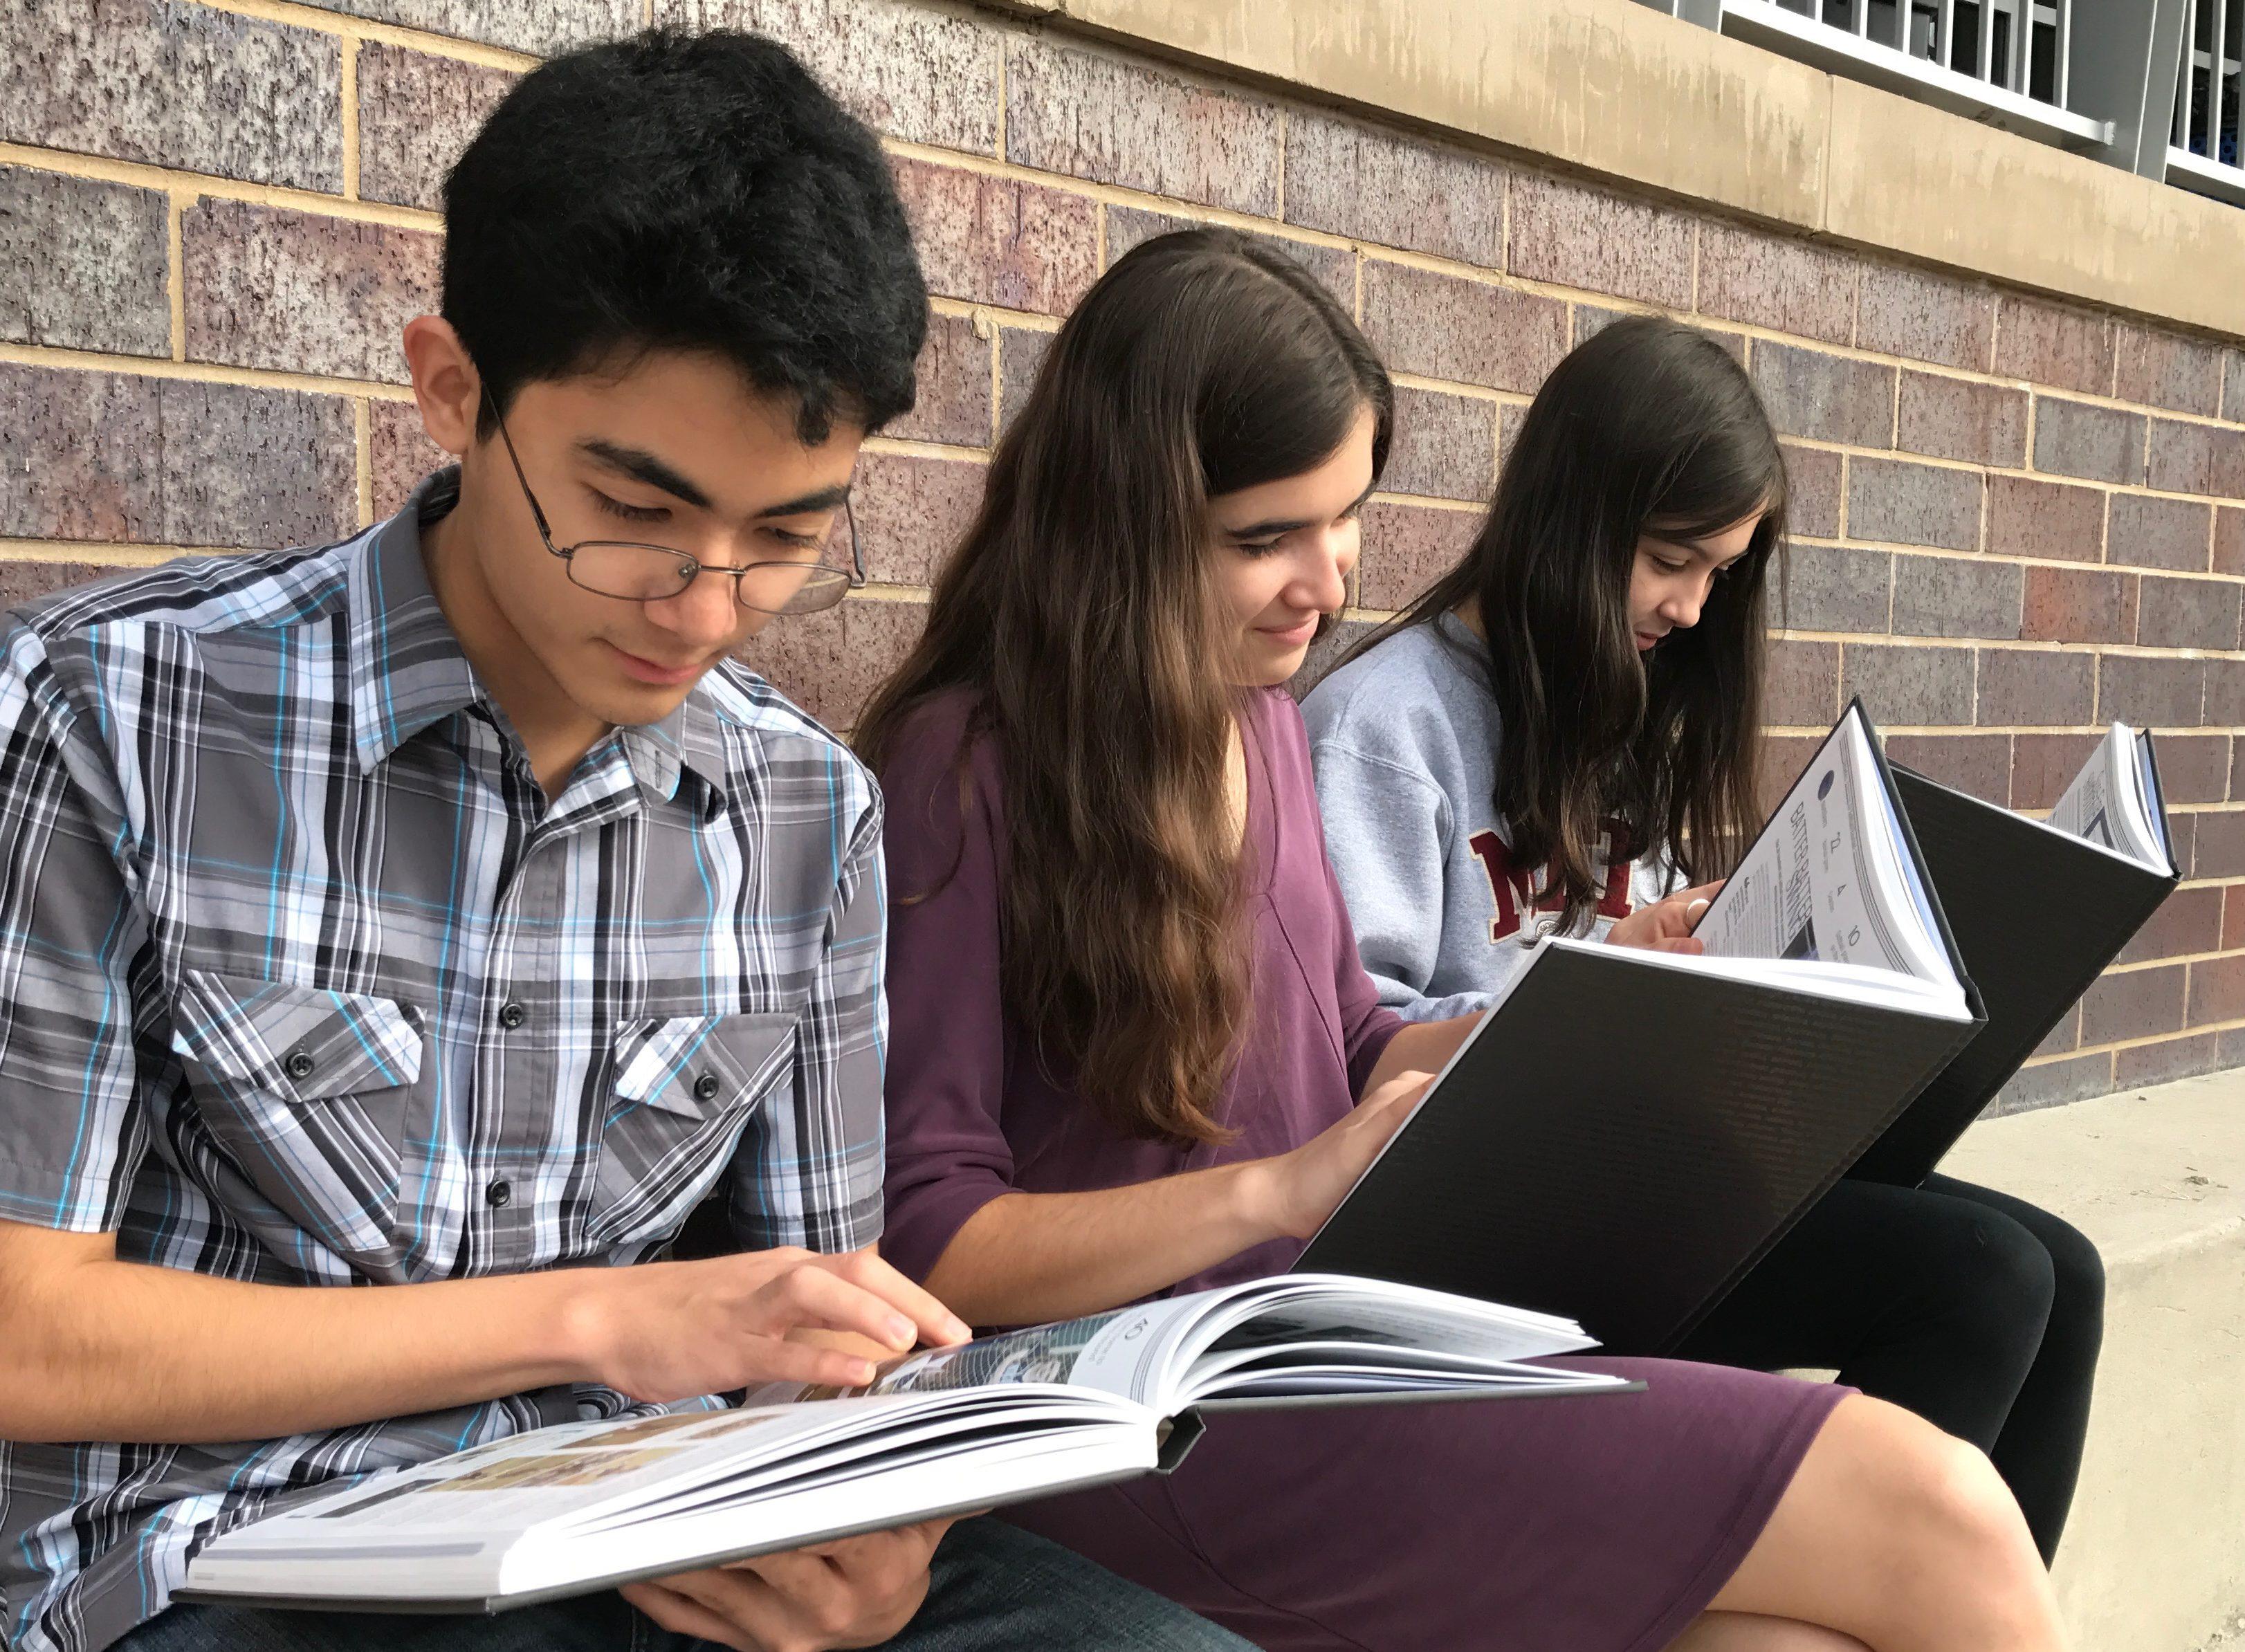 Upcoming Senior Yearbook Deadlines /  Próximas fechas límite para el anuario del último año